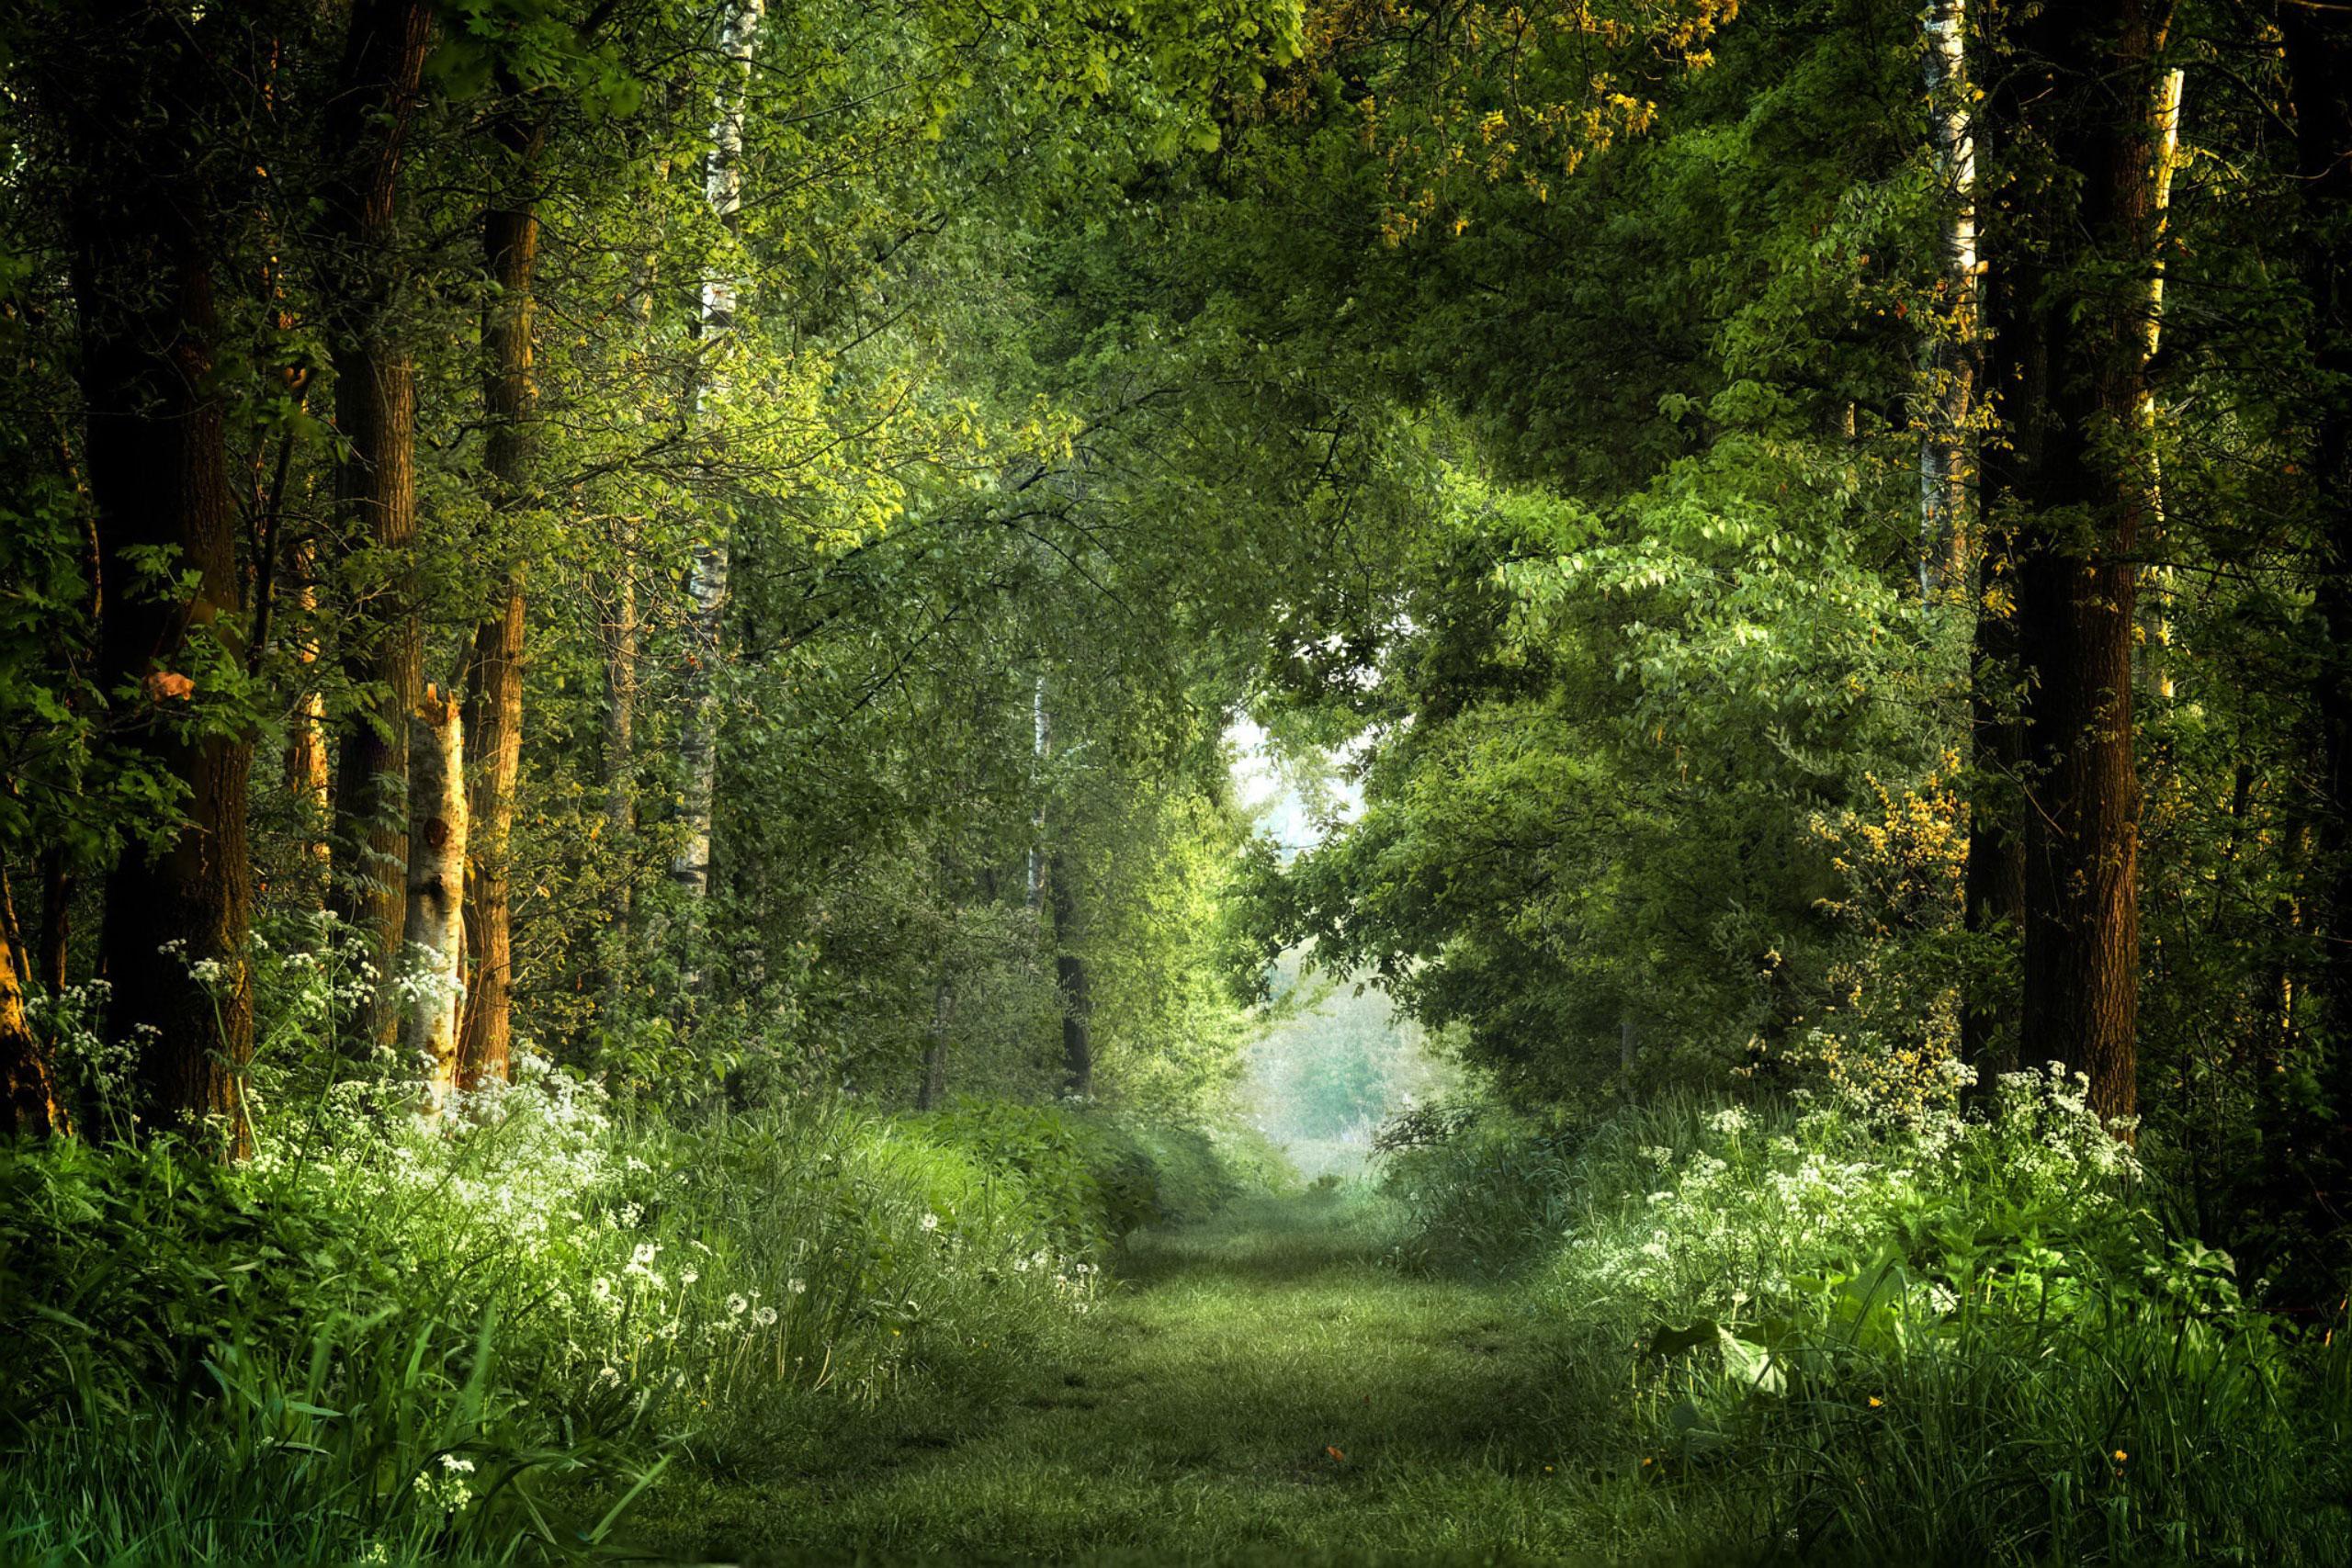 Фотография фон для фотошопа лес летним утром с густой растительностью из старых деревьев